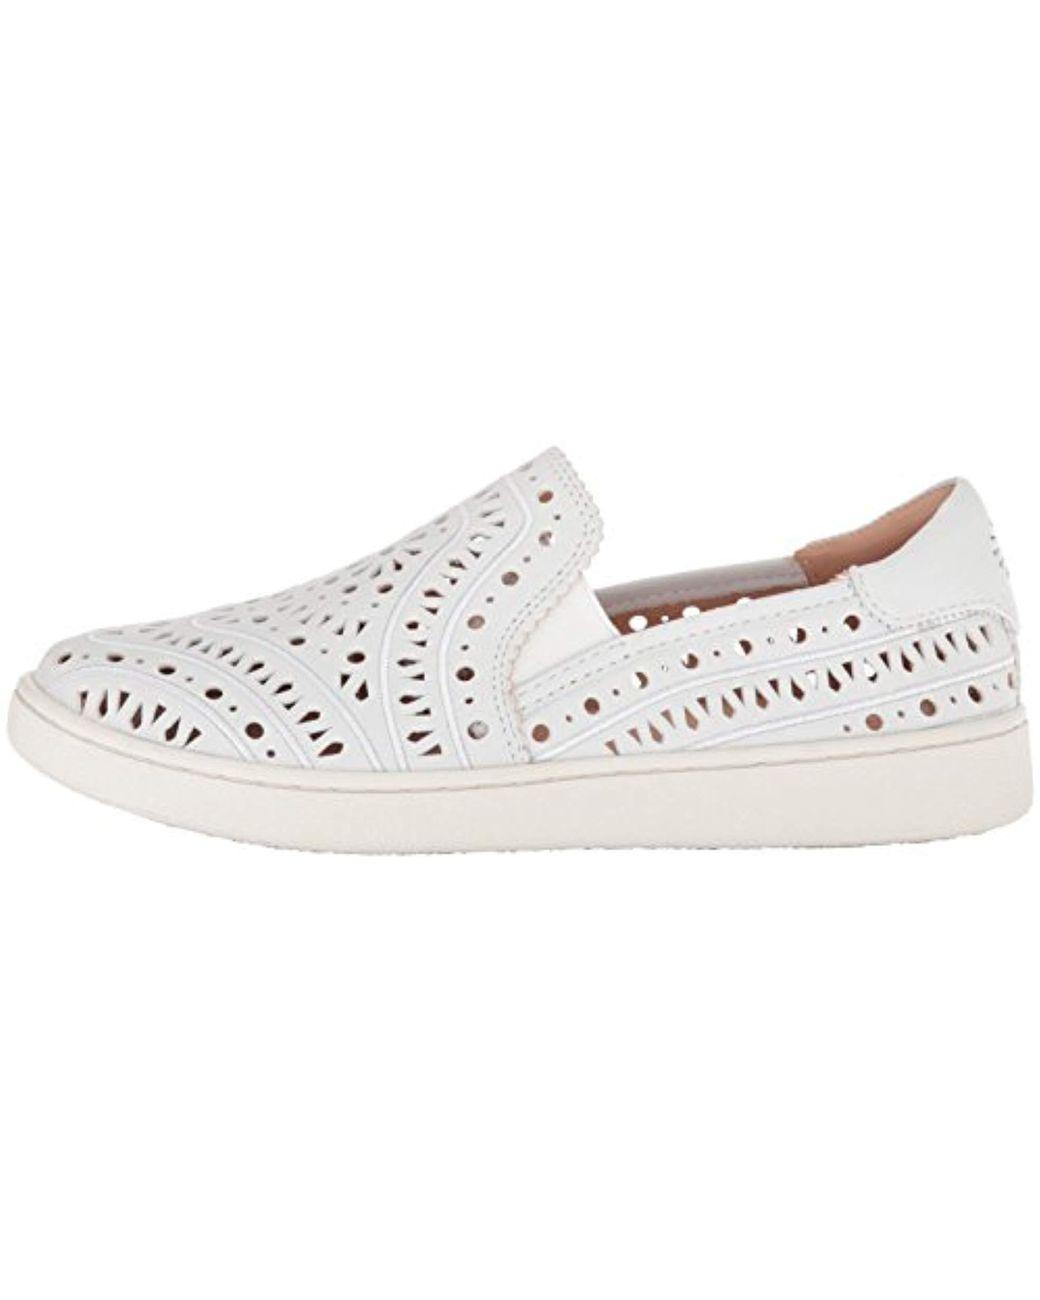 Ugg on Cas high Ankle Slip Women's White zVUMpS